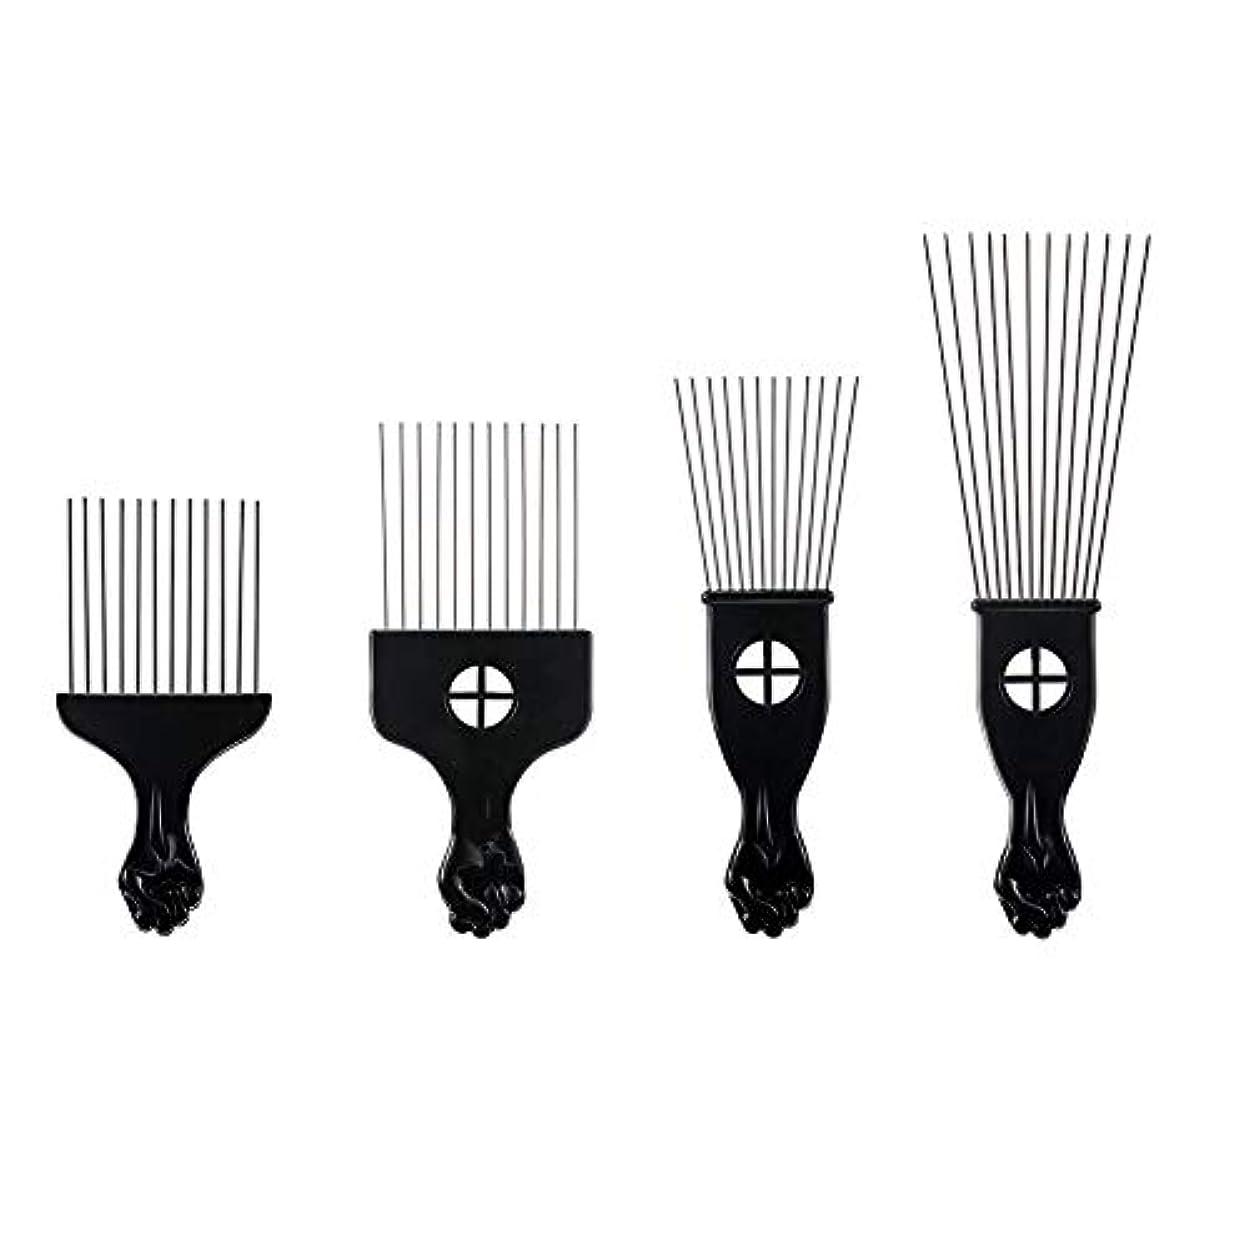 手足にはまって努力プラスチックフォークスチール針櫛歯4毛櫛ヘアピン挿入ツールの櫛髪